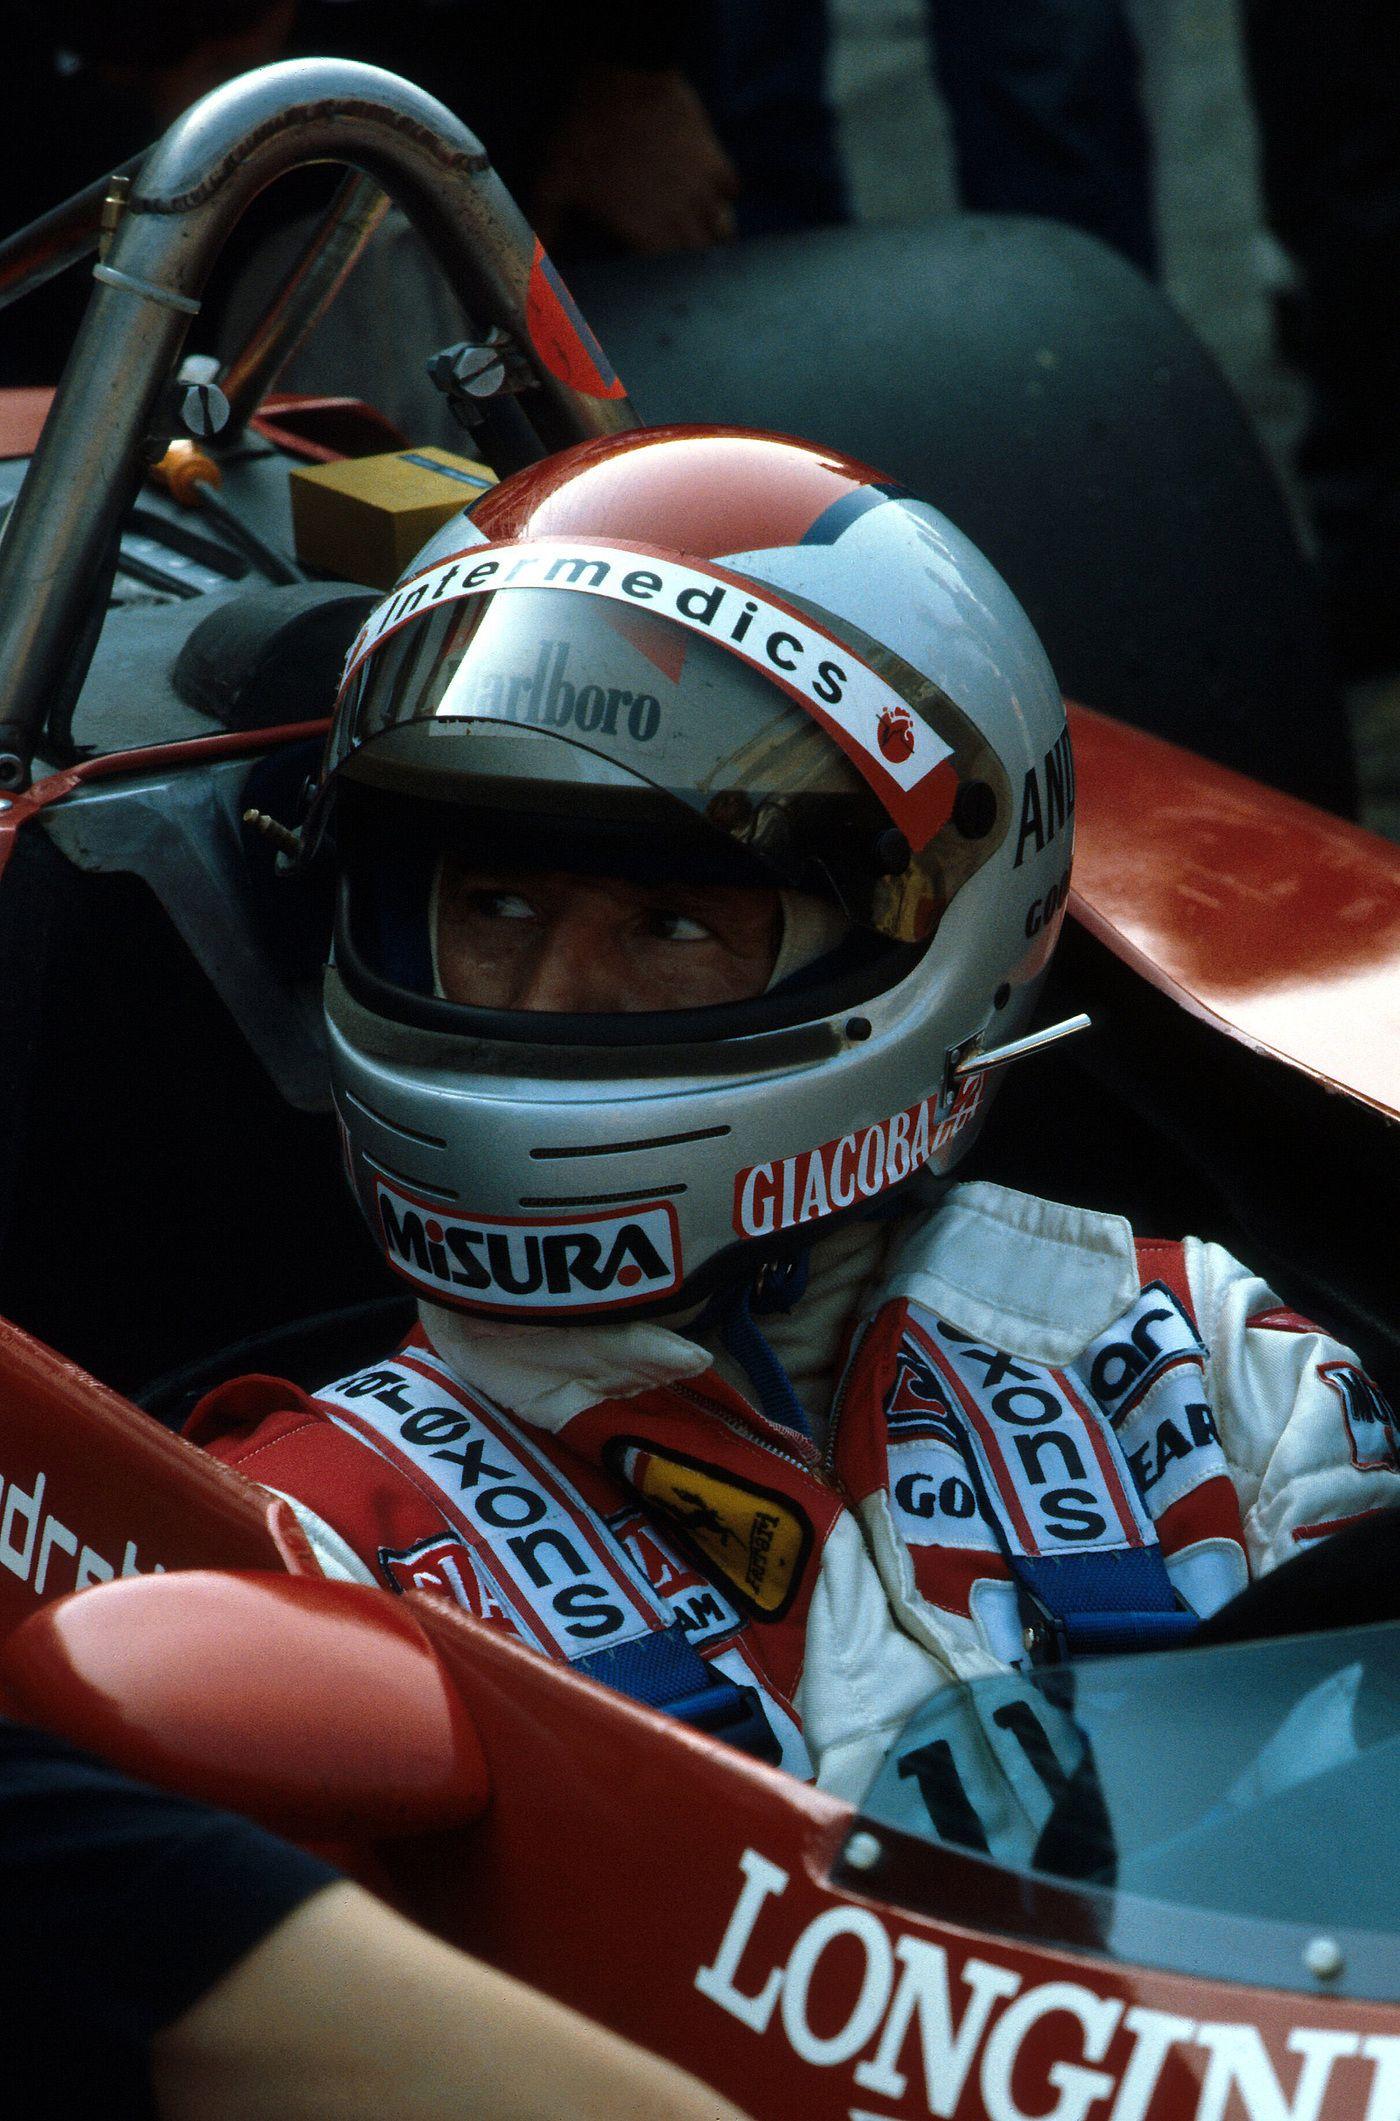 Temporada 1982 de Fórmula 1 (I) in 2020 (With images